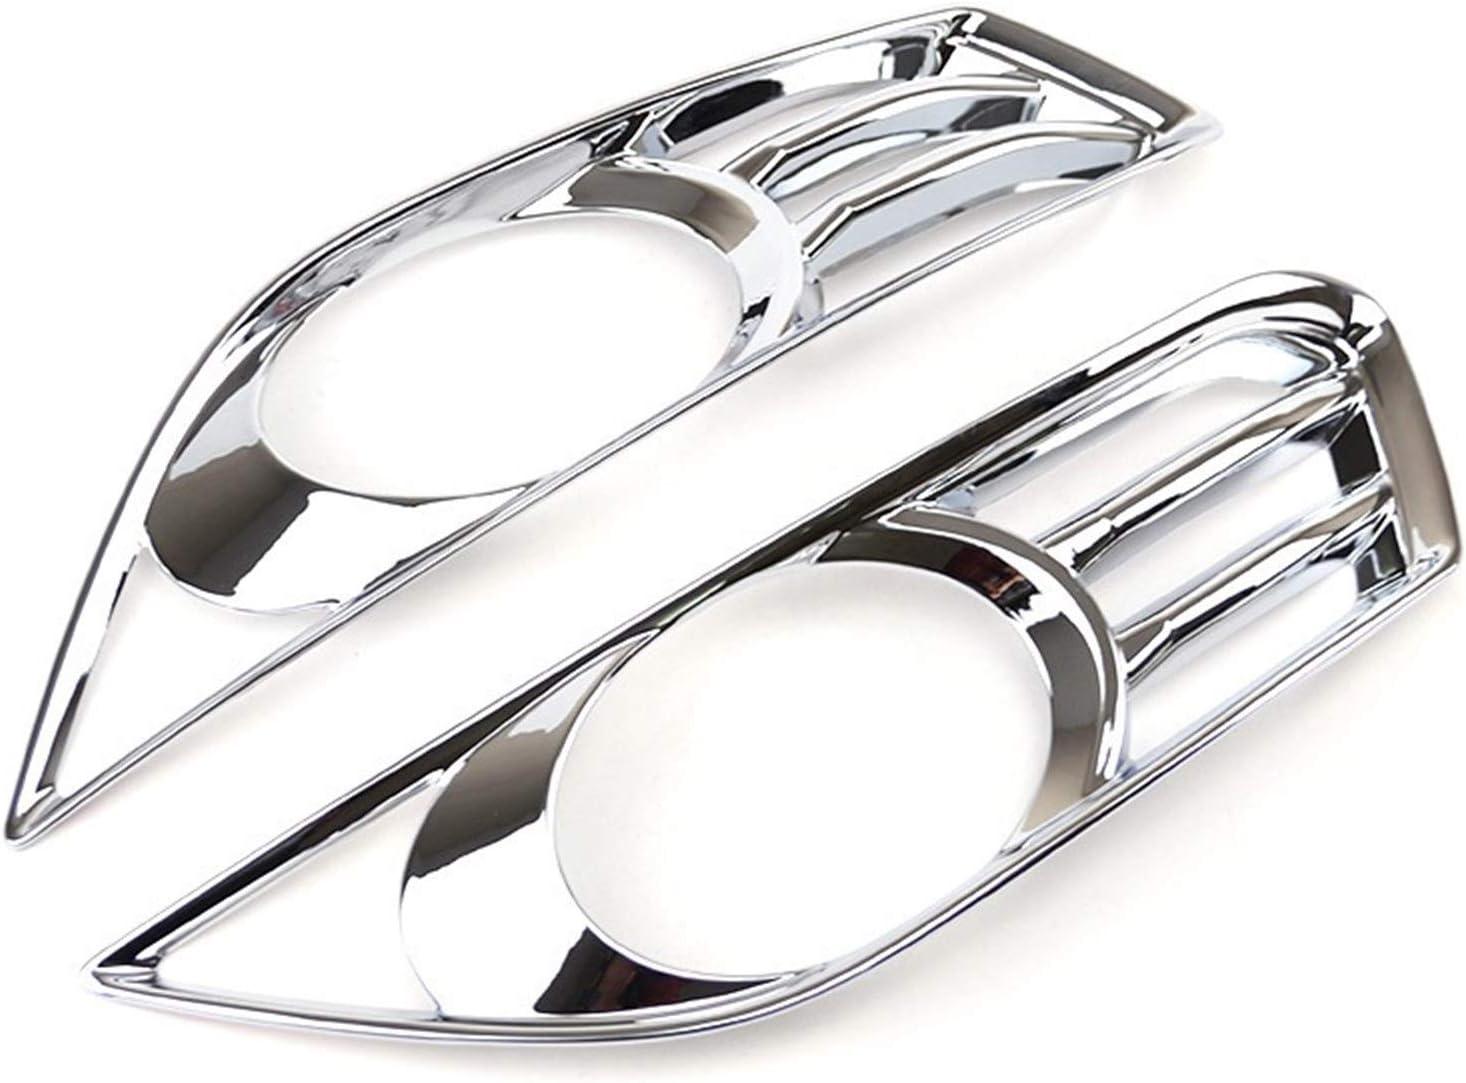 LUANAYUN-PHONE CASE Pr/áctica cubierta de luz delantera para Ford Fusion Mondeo 2013 2014 2015 2016 cromada cubierta de l/ámpara